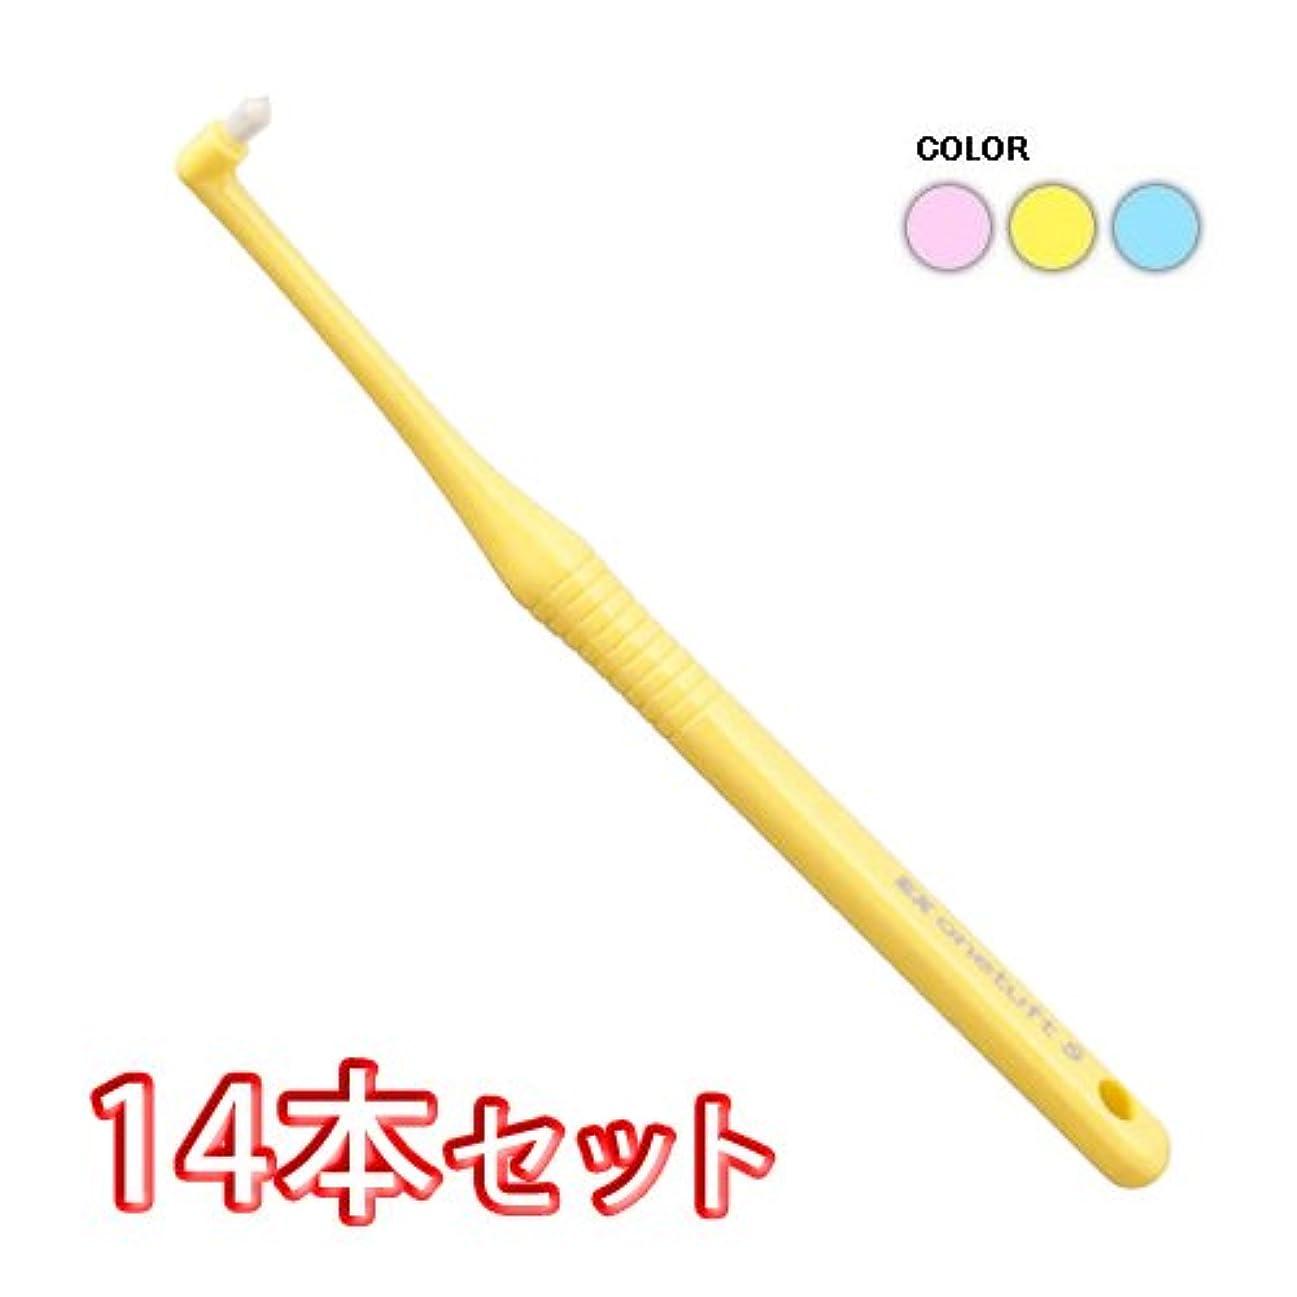 南西道徳の偉業ライオン デント EX ワンタフト 歯ブラシ onetuft (S) (14本入)